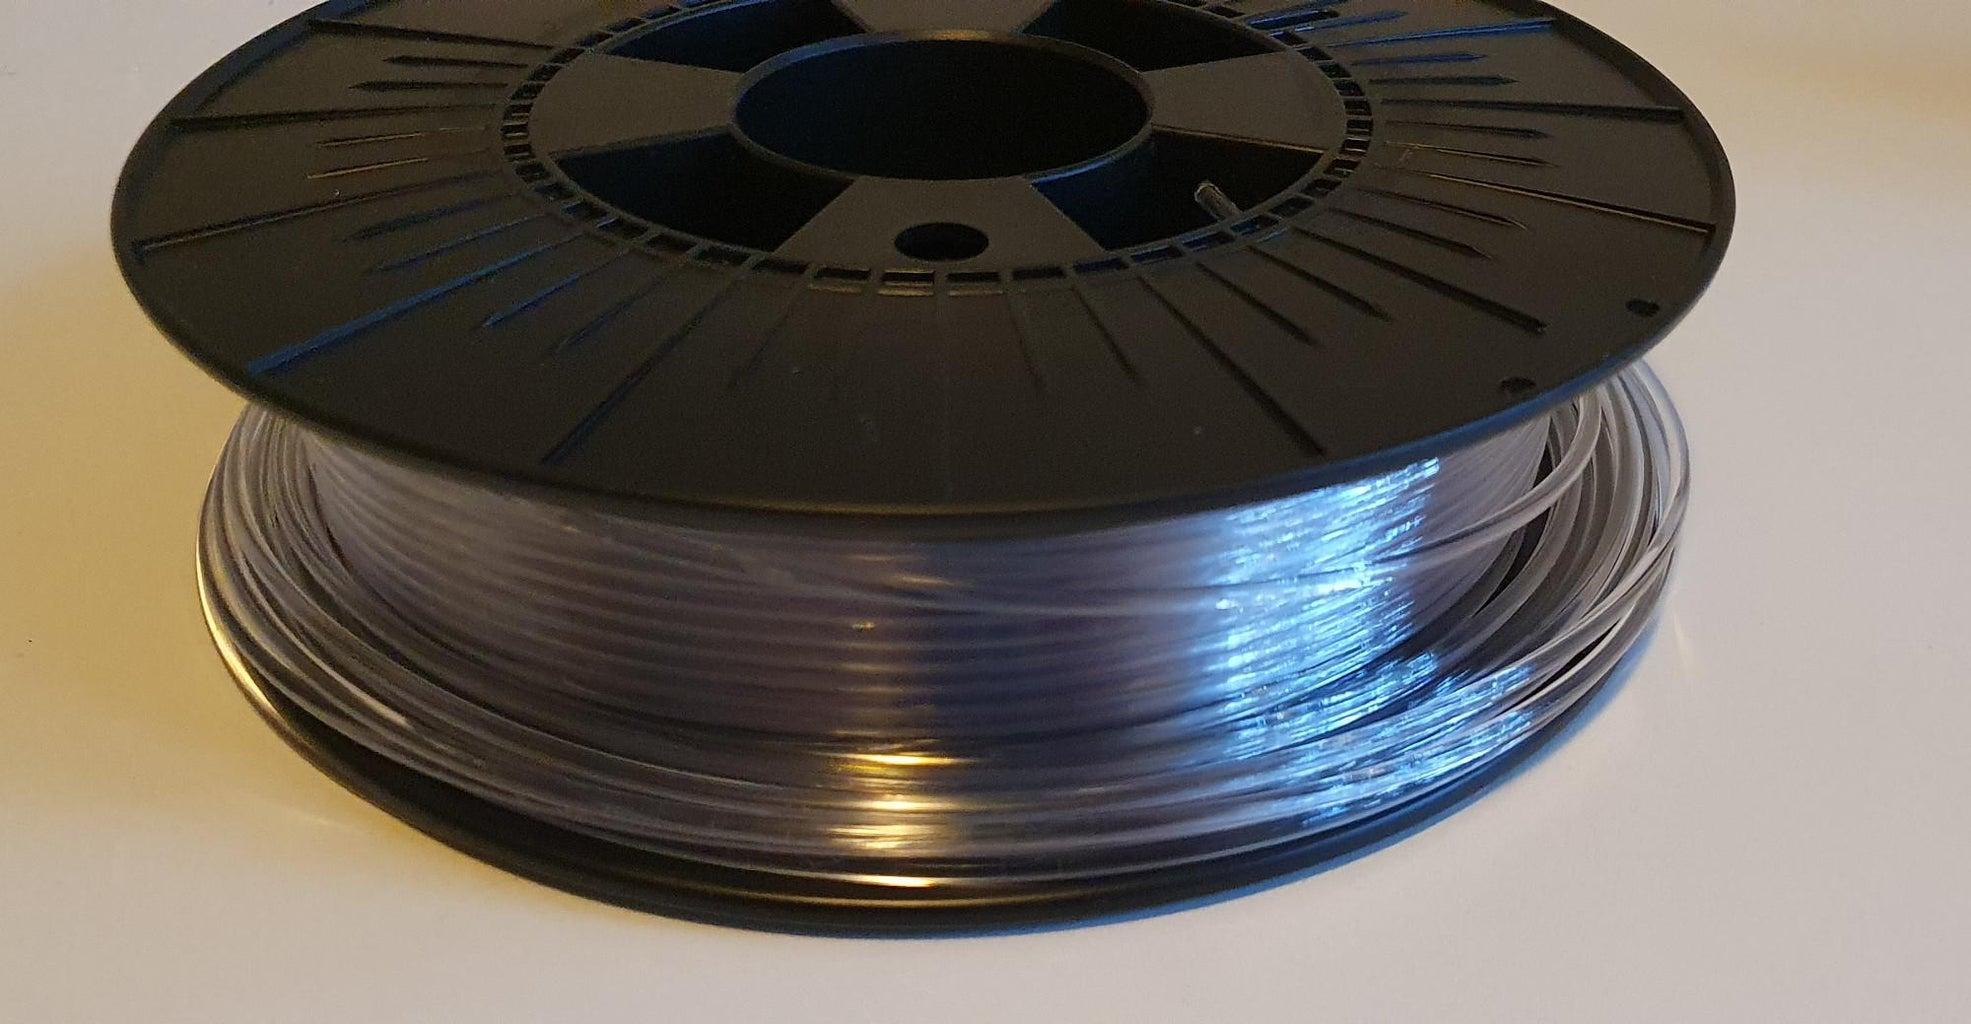 3D Filament As Light Guide